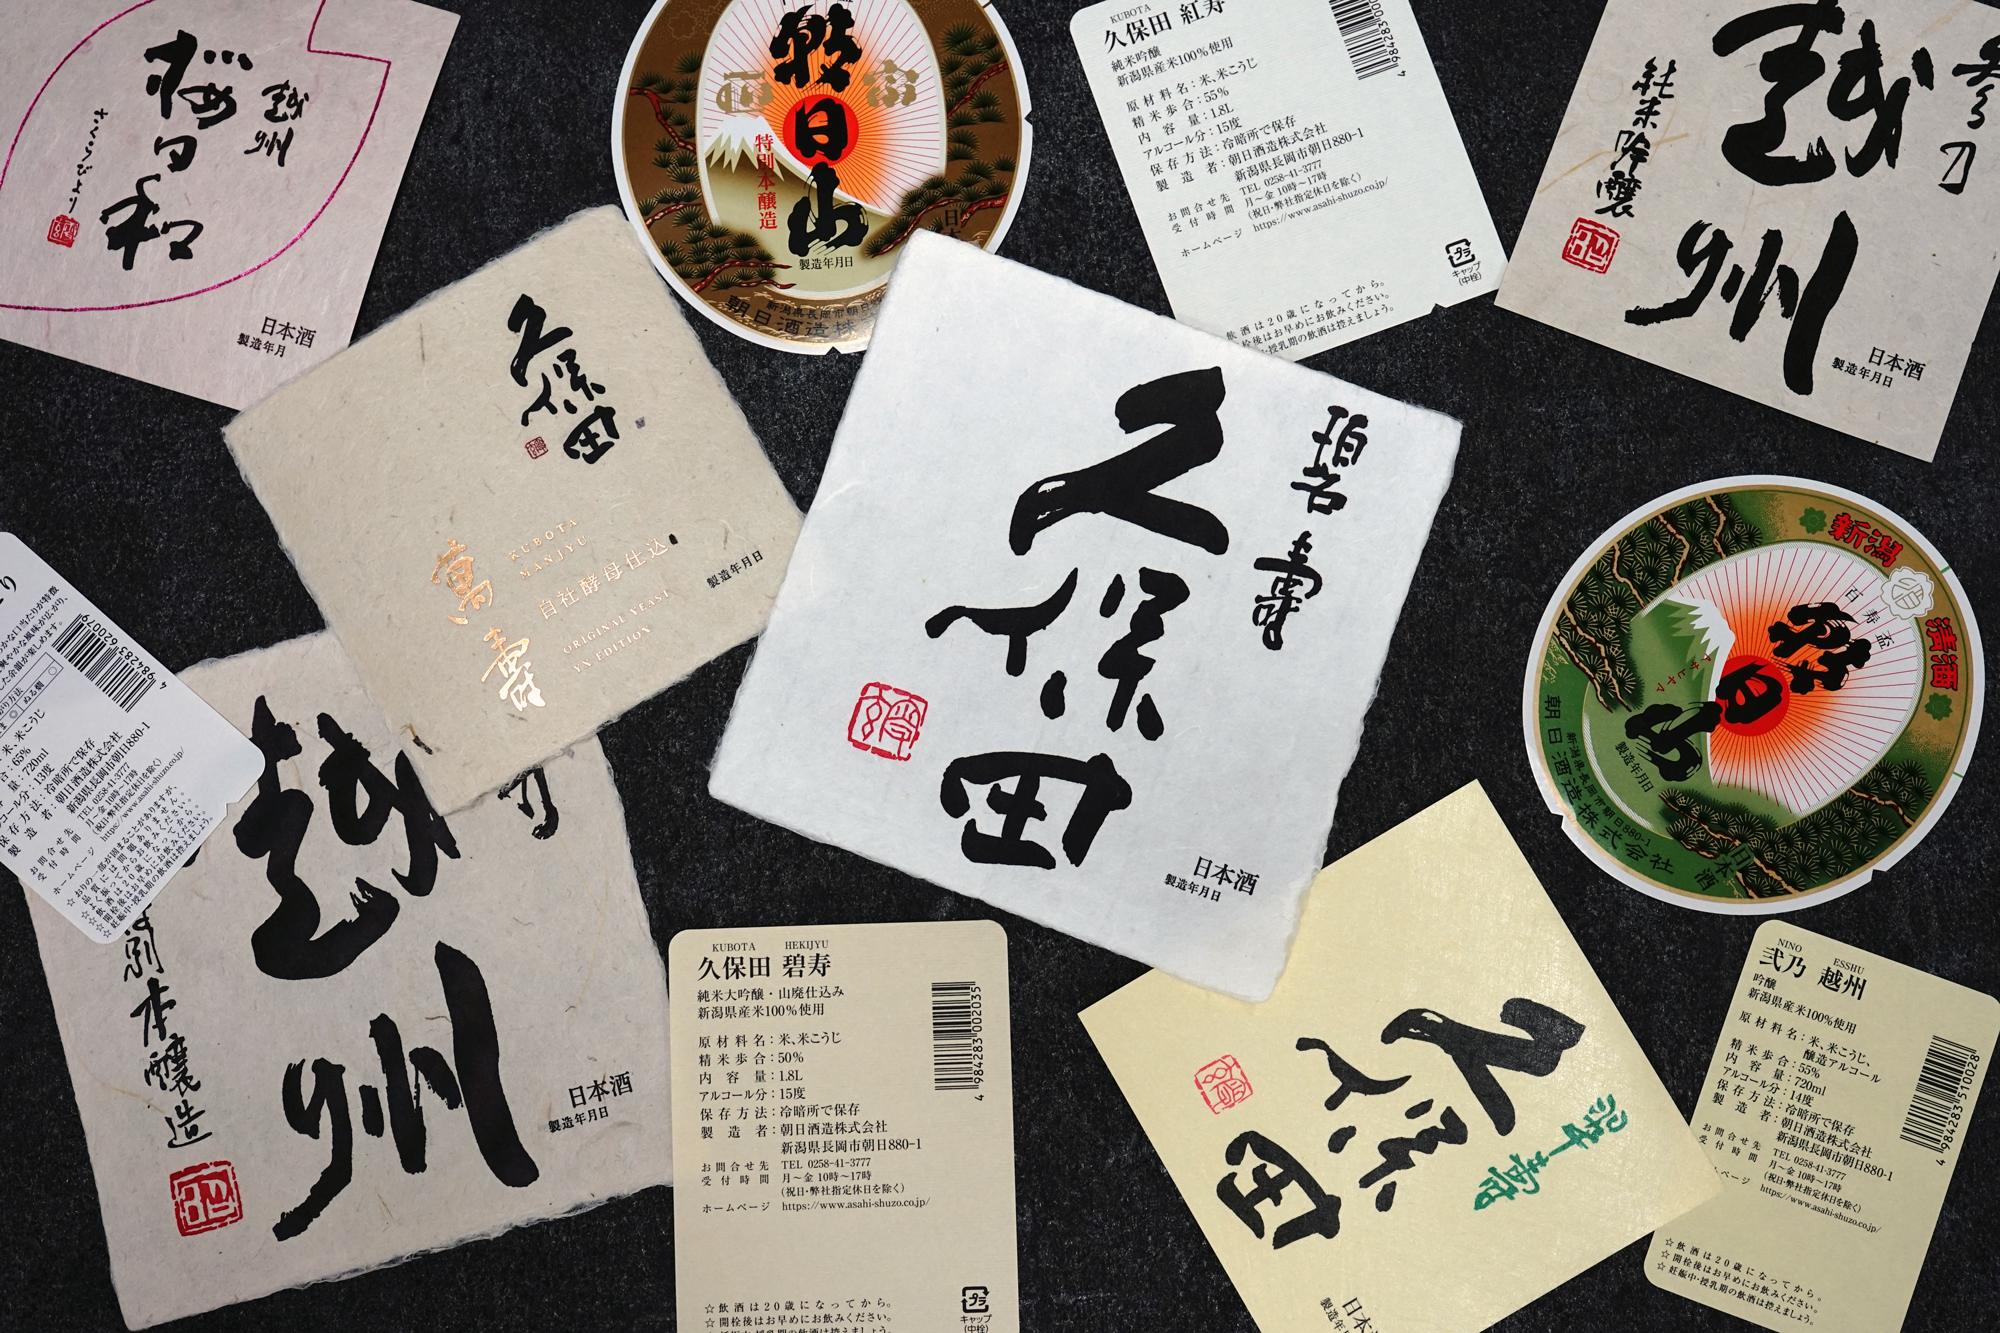 日本酒のラベル表記の見方とは。各項目の意味と商品選びのポイントも紹介